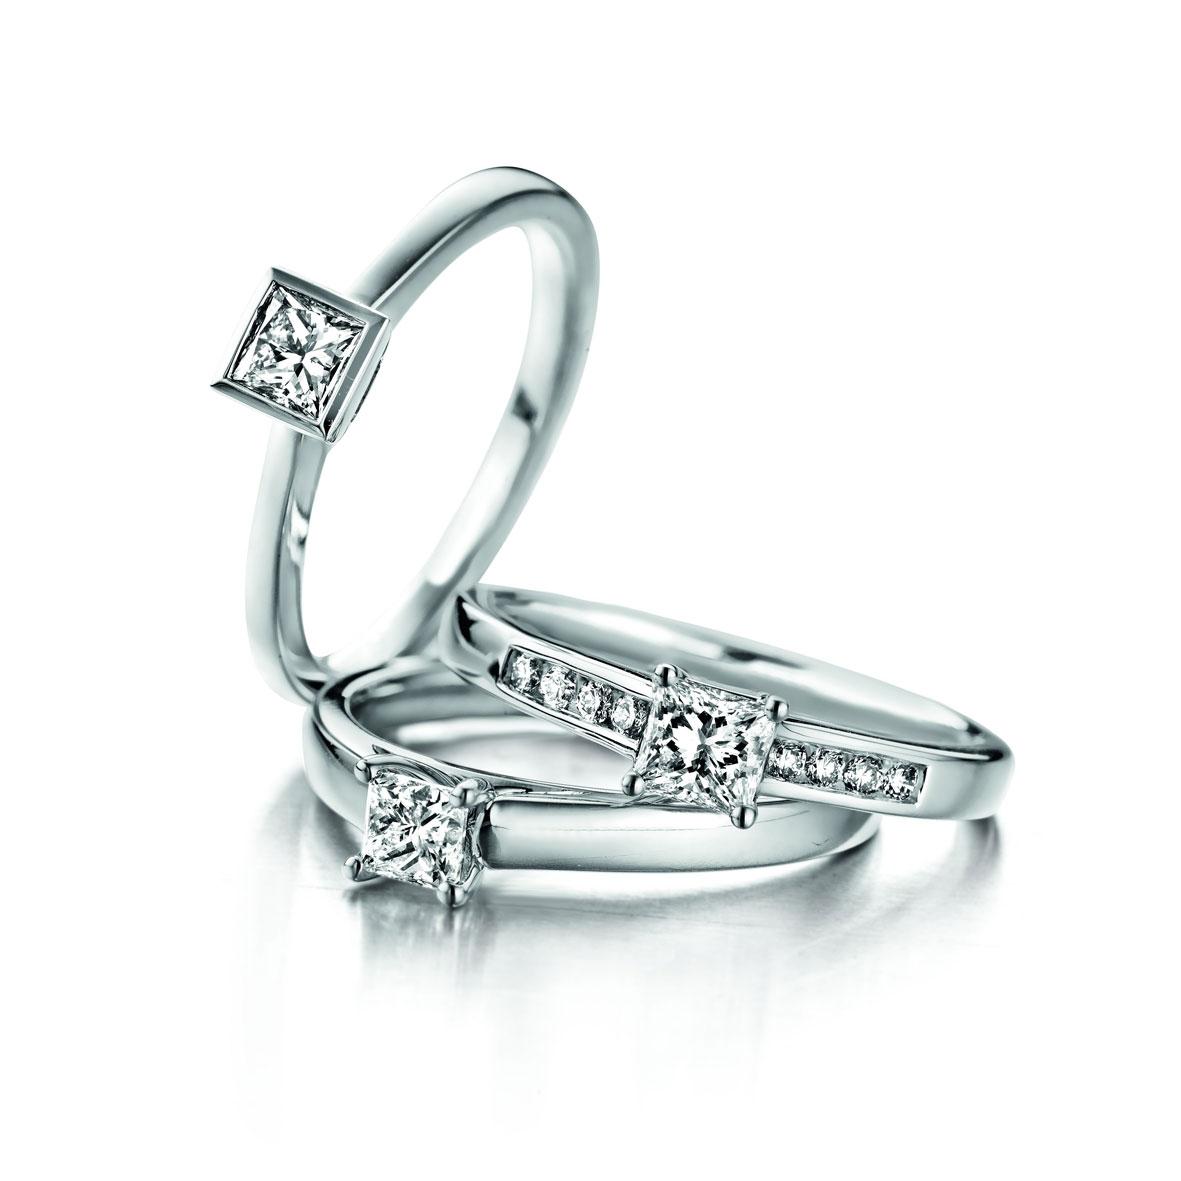 Galeries lafayette mariage un magasin qui peut vous aider - Liste de mariage galeries lafayettes ...